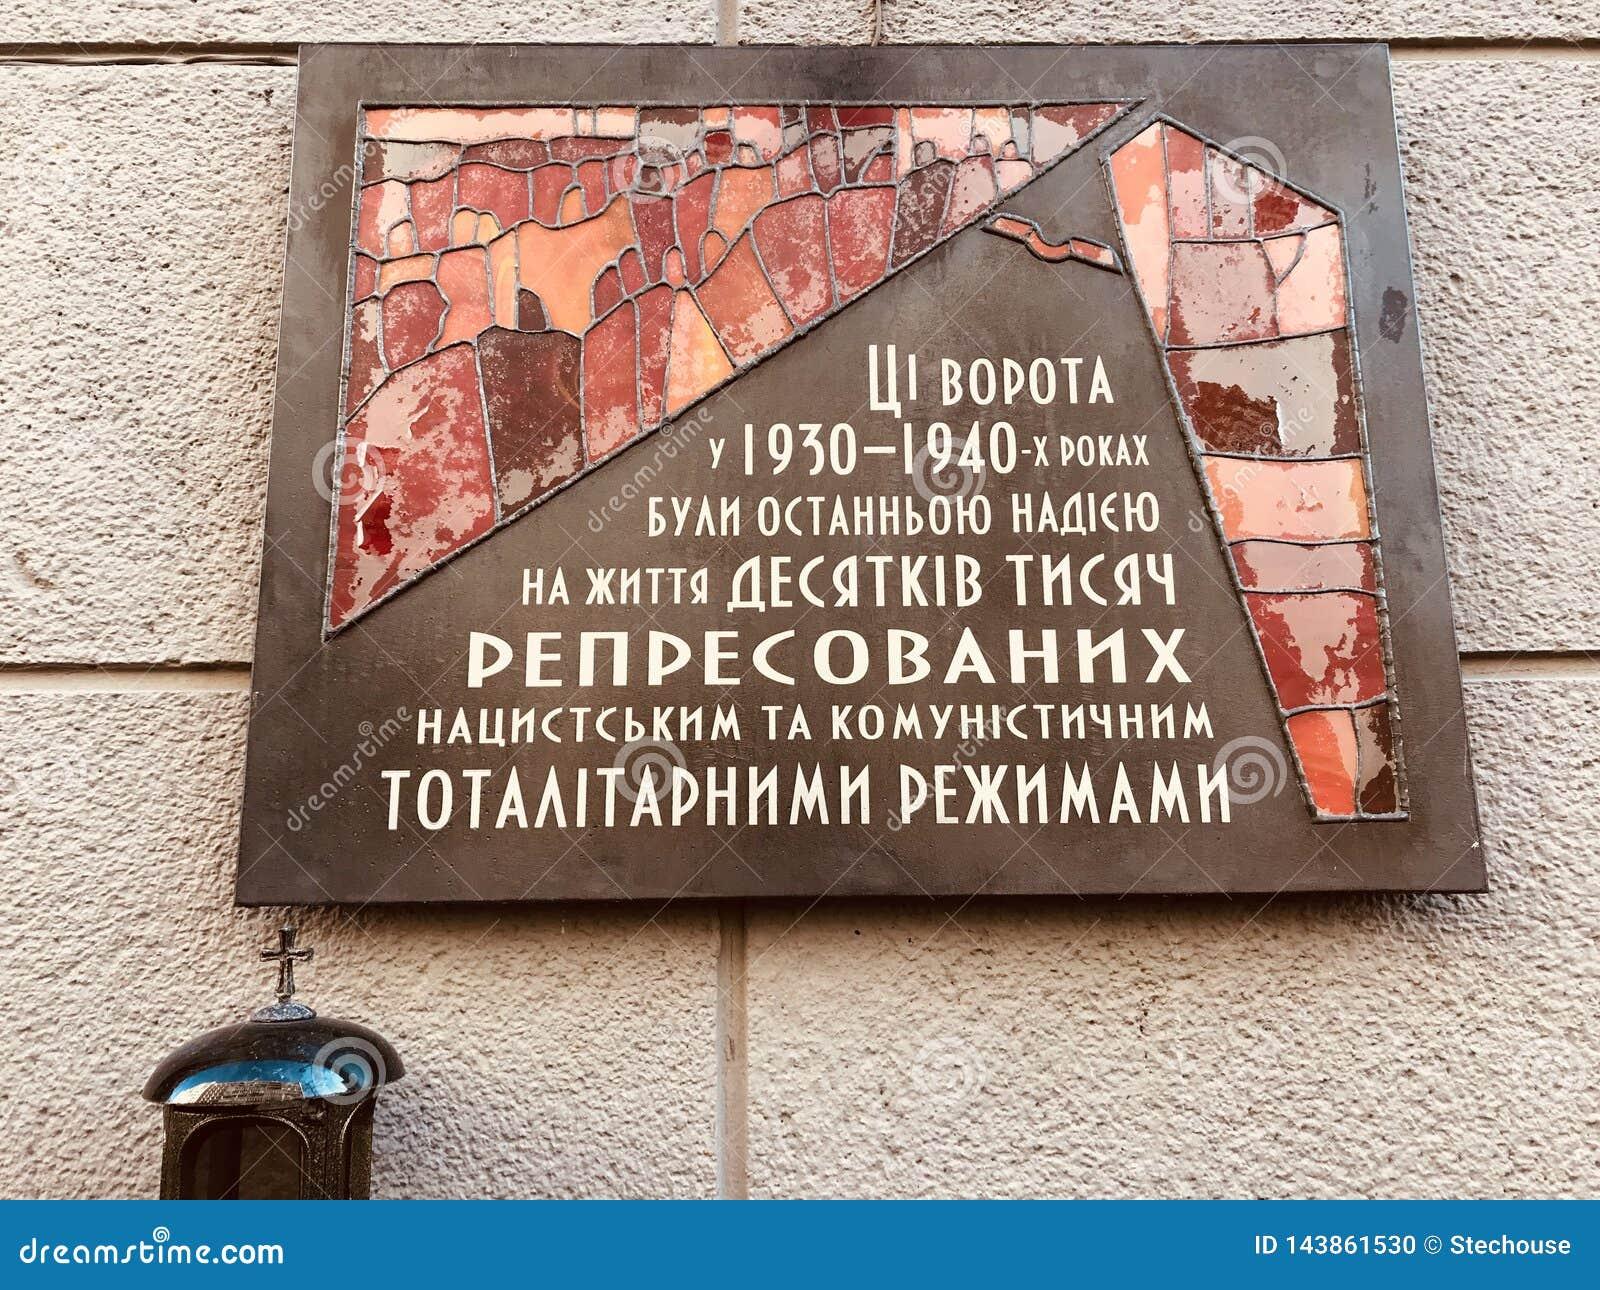 Ένα μνημείο στα θύματα των ολοκληρωτικών καθεστώτων στην Ουκρανία - KYIV ή ΚΊΕΒΟ